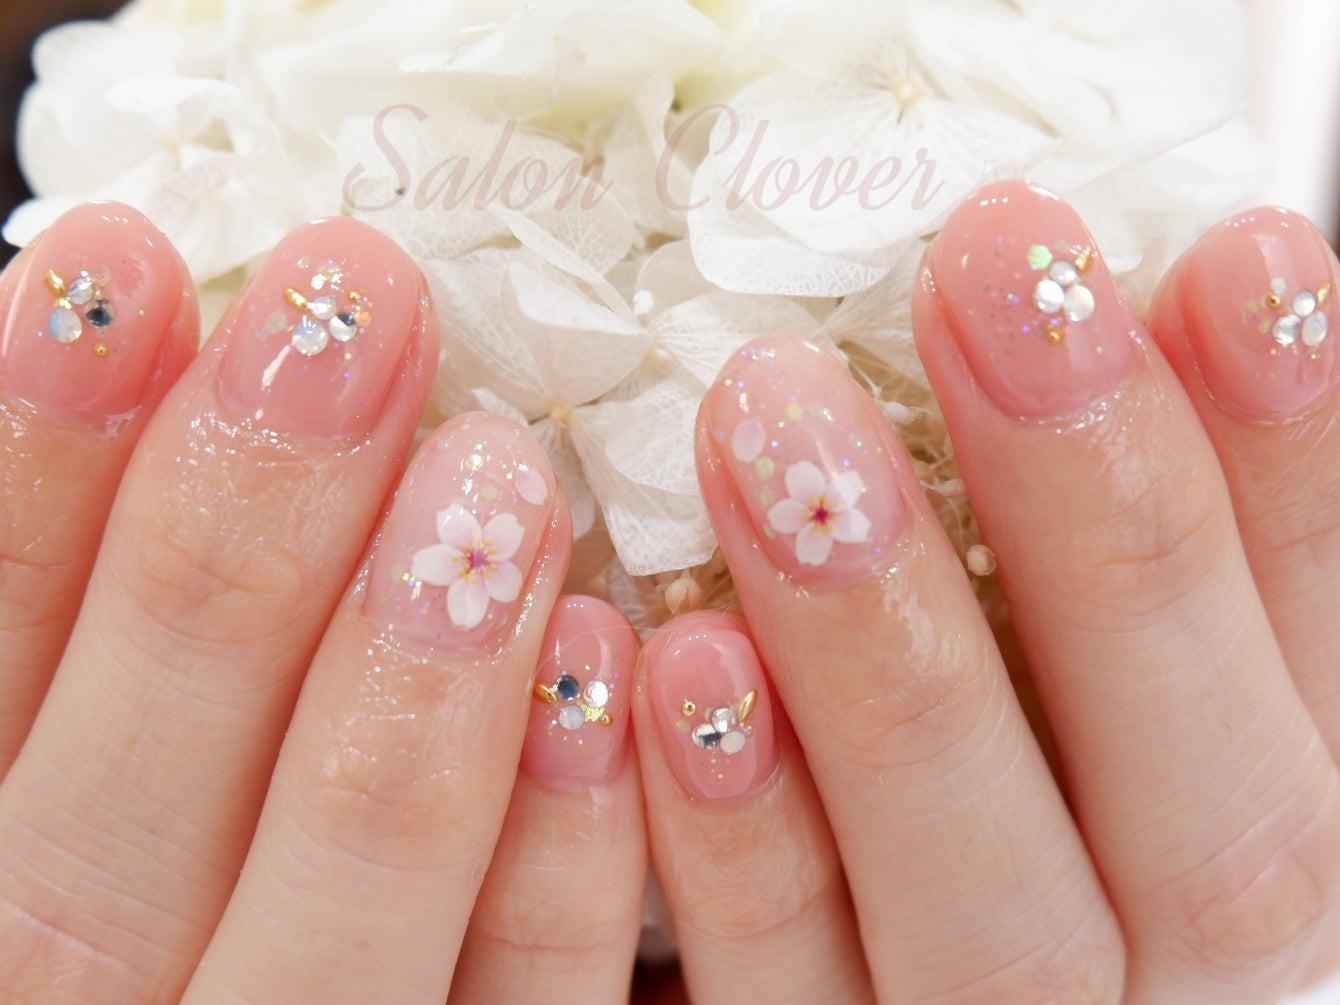 桜×ストーンのピンク、春ネイル☆自爪に優しいカルジェルの新色